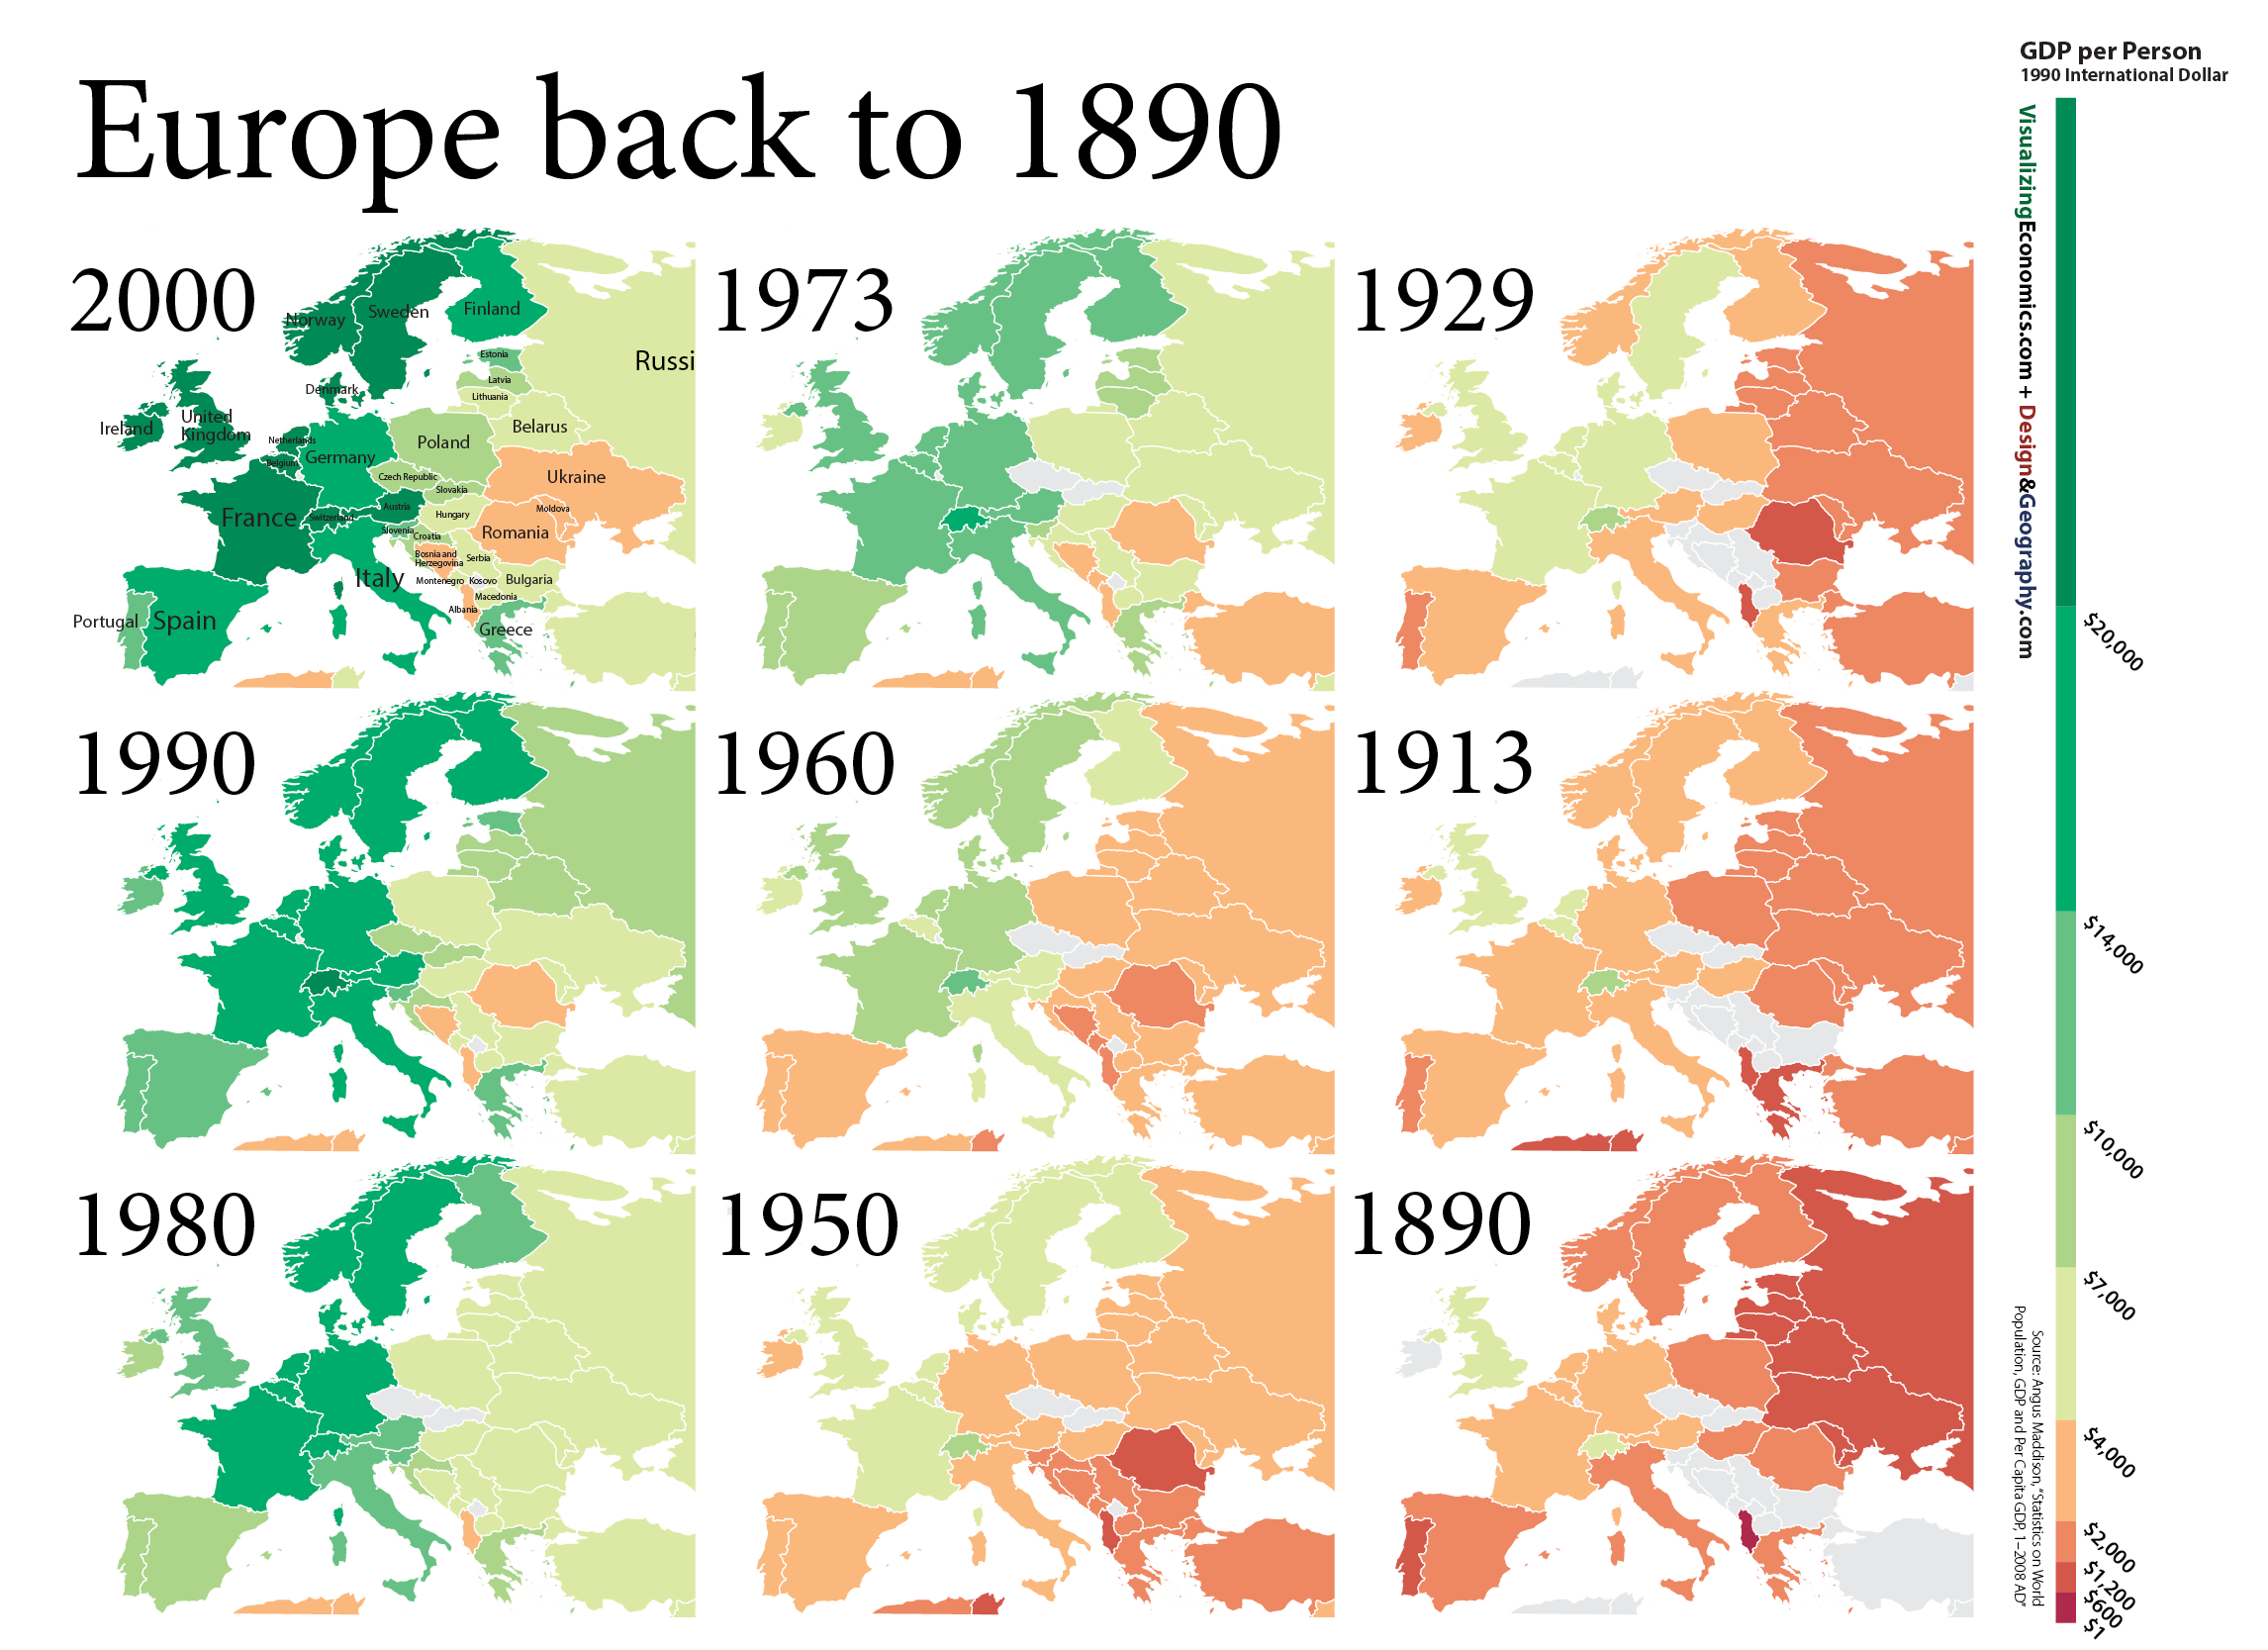 Gdp Per Capita In Europe 1890 Vs 2017